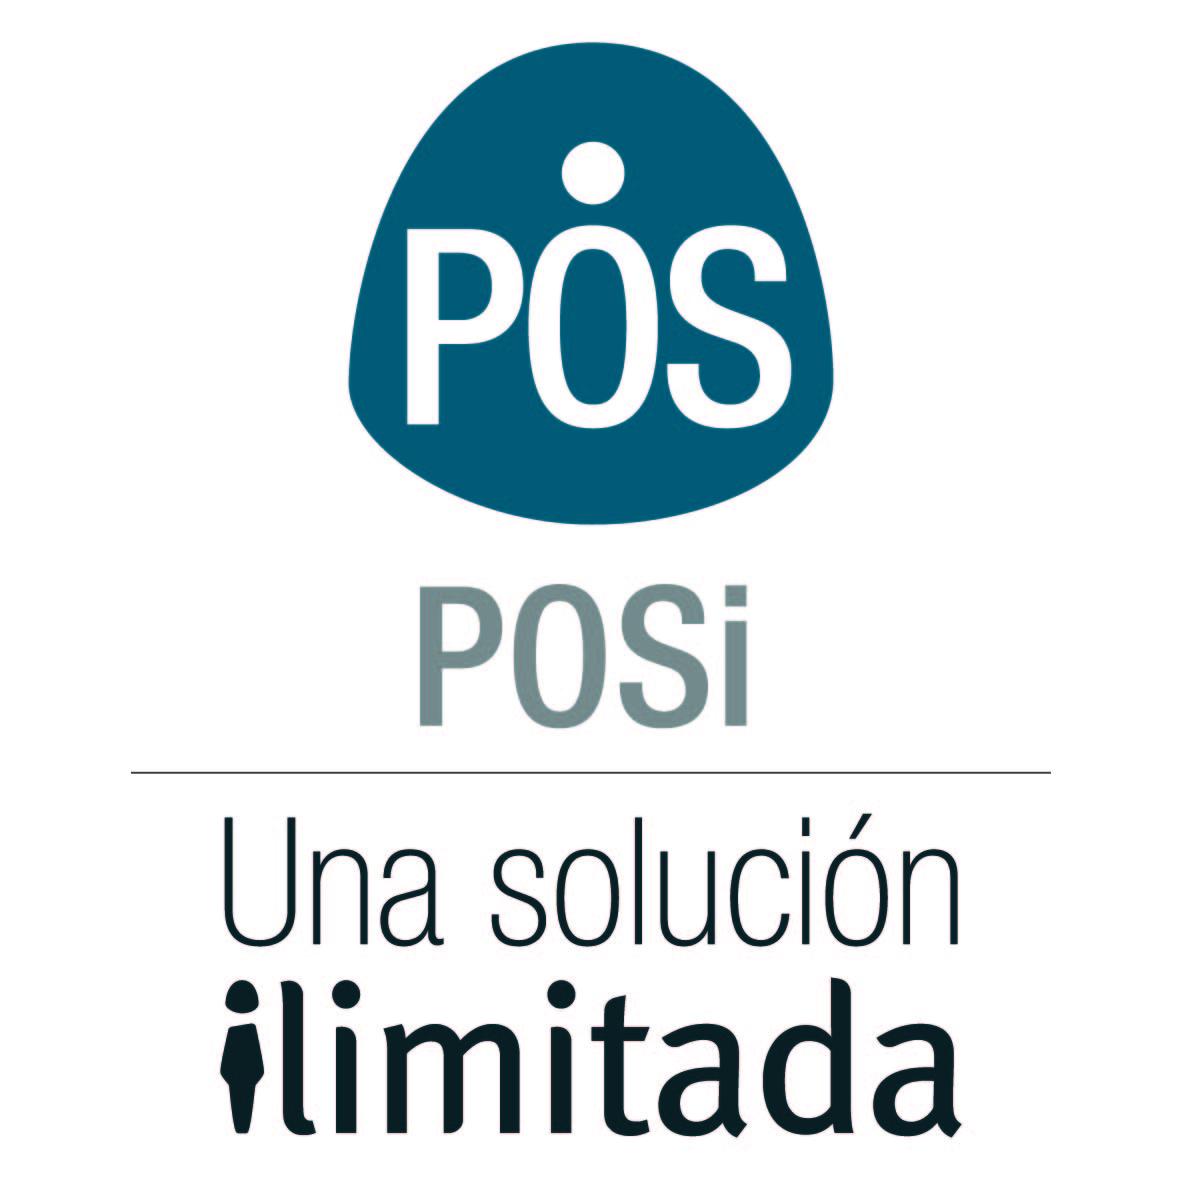 SOFTWARE SISTEMA PUNTO DE VENTA POSi - ILIMITADA BOGOTÁ COLOMBIA